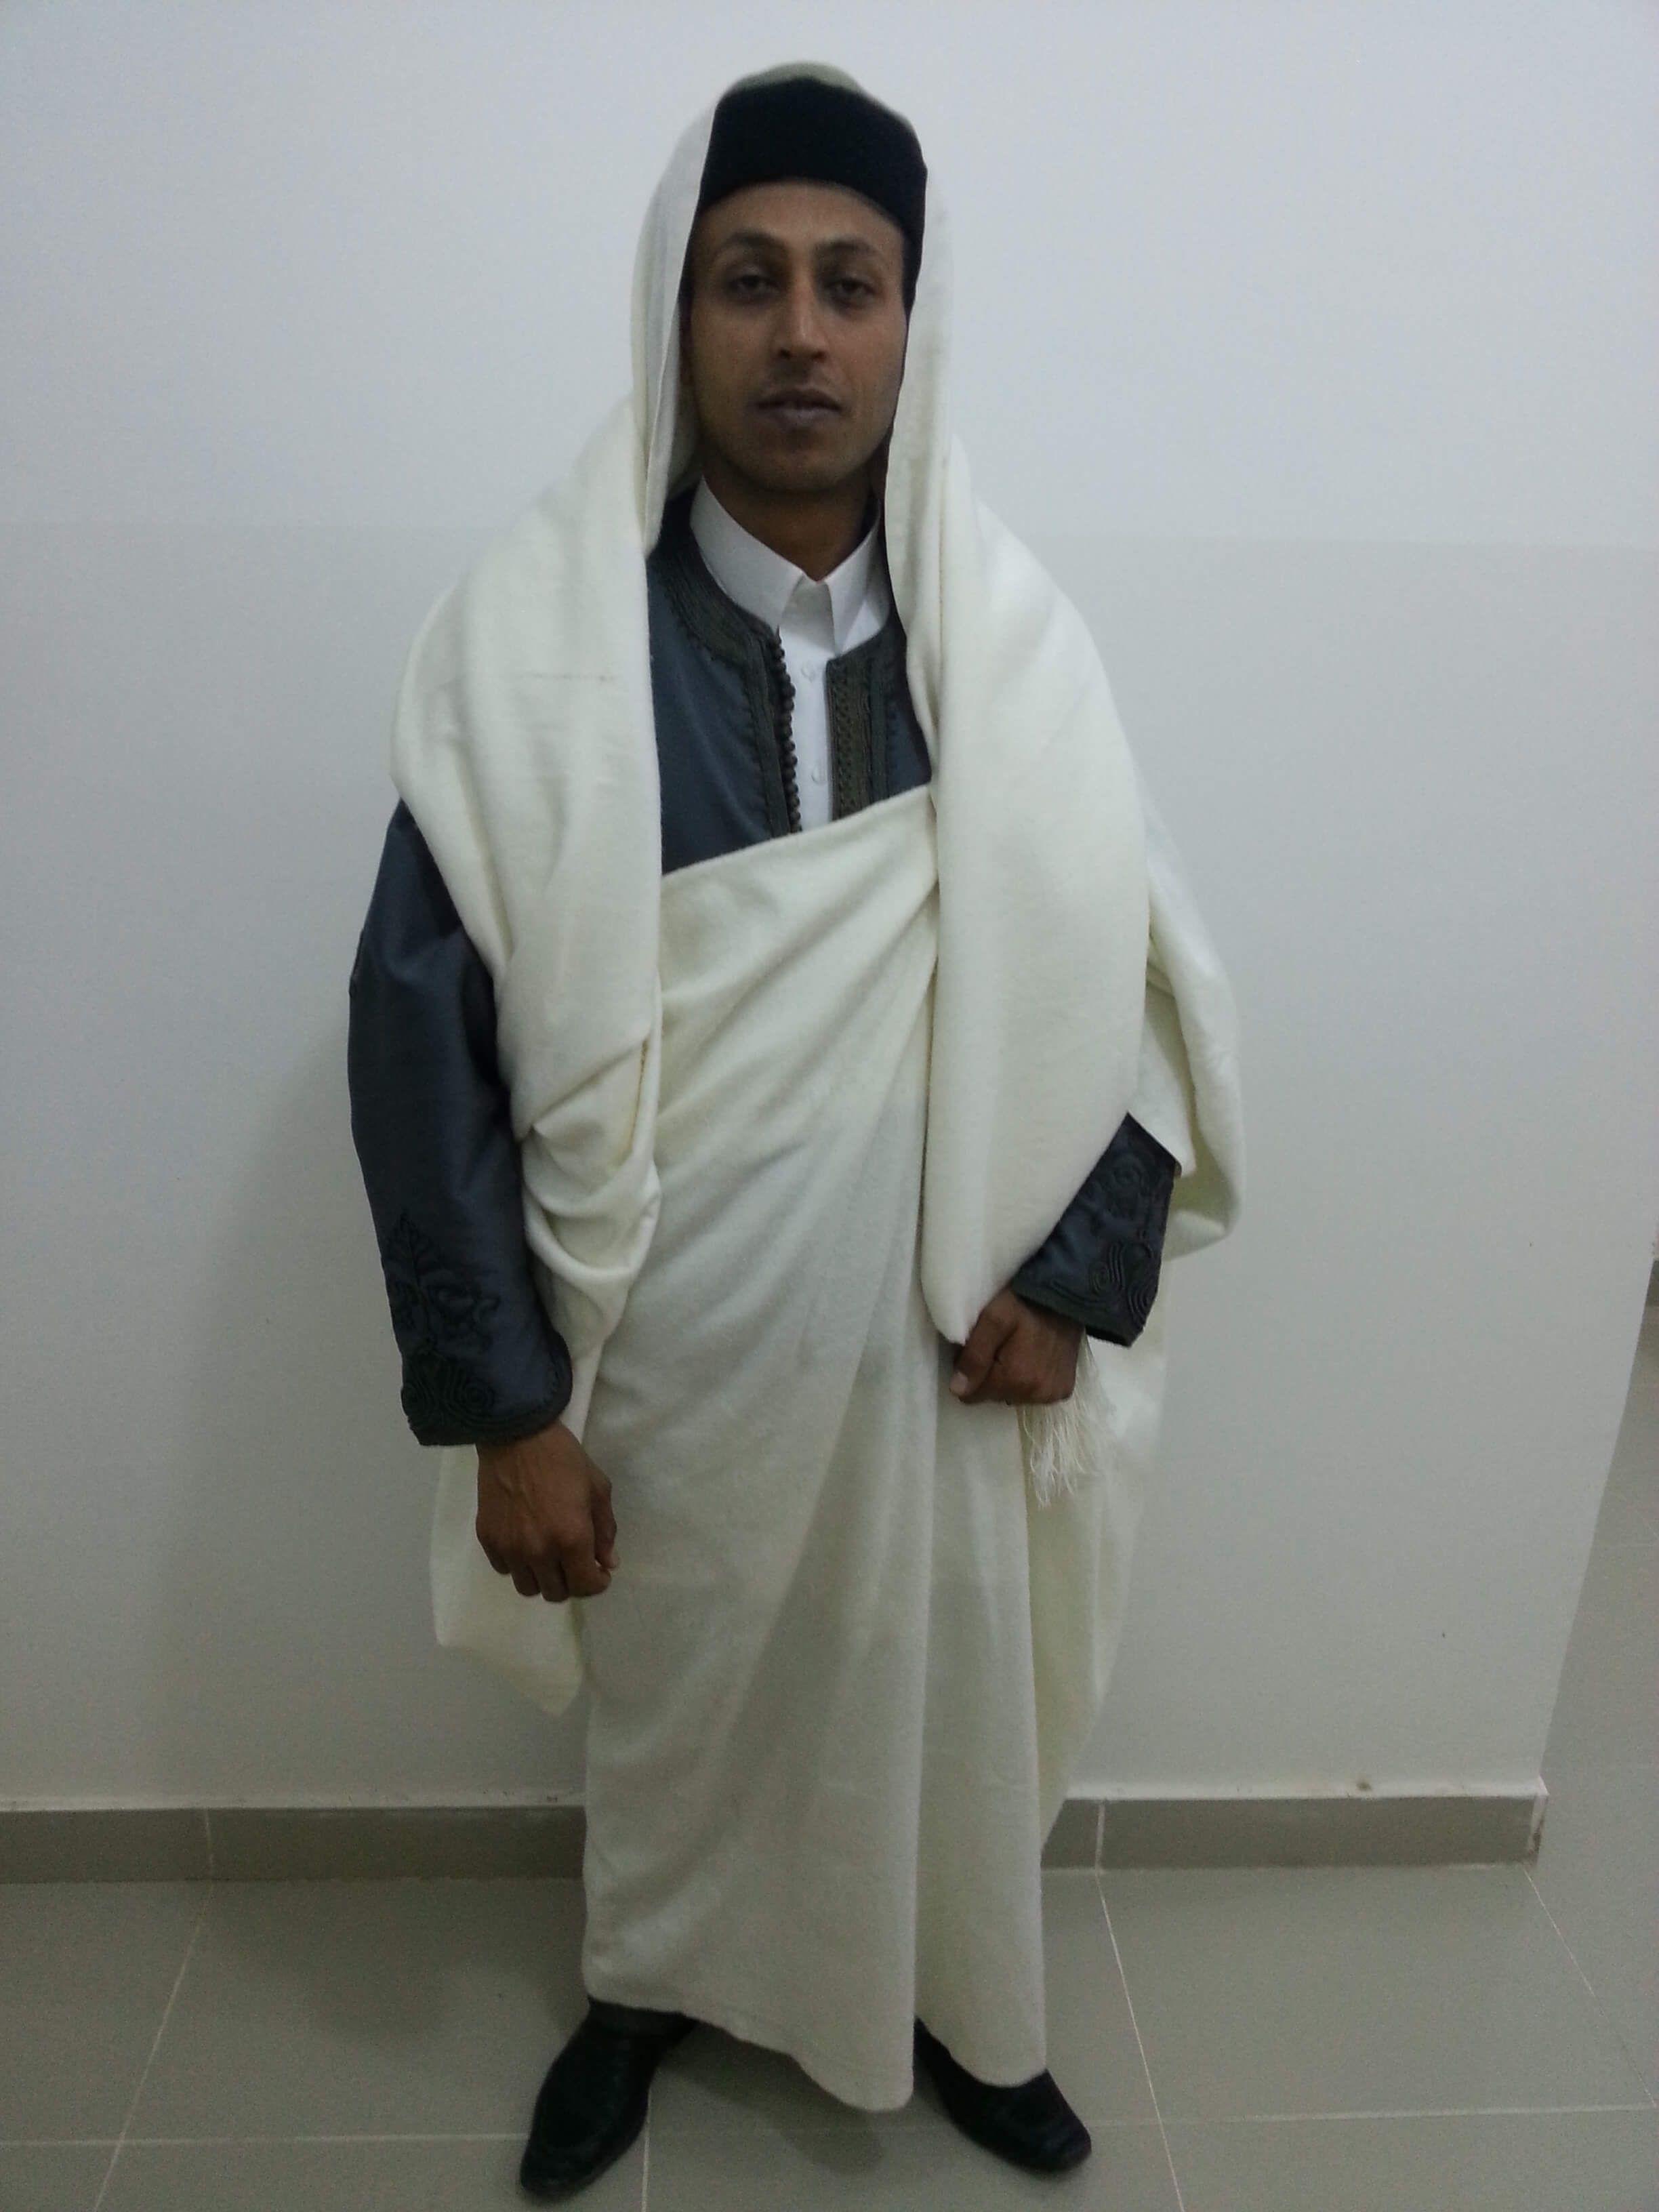 طريقة لباس الجرد الليبي- على الرأس